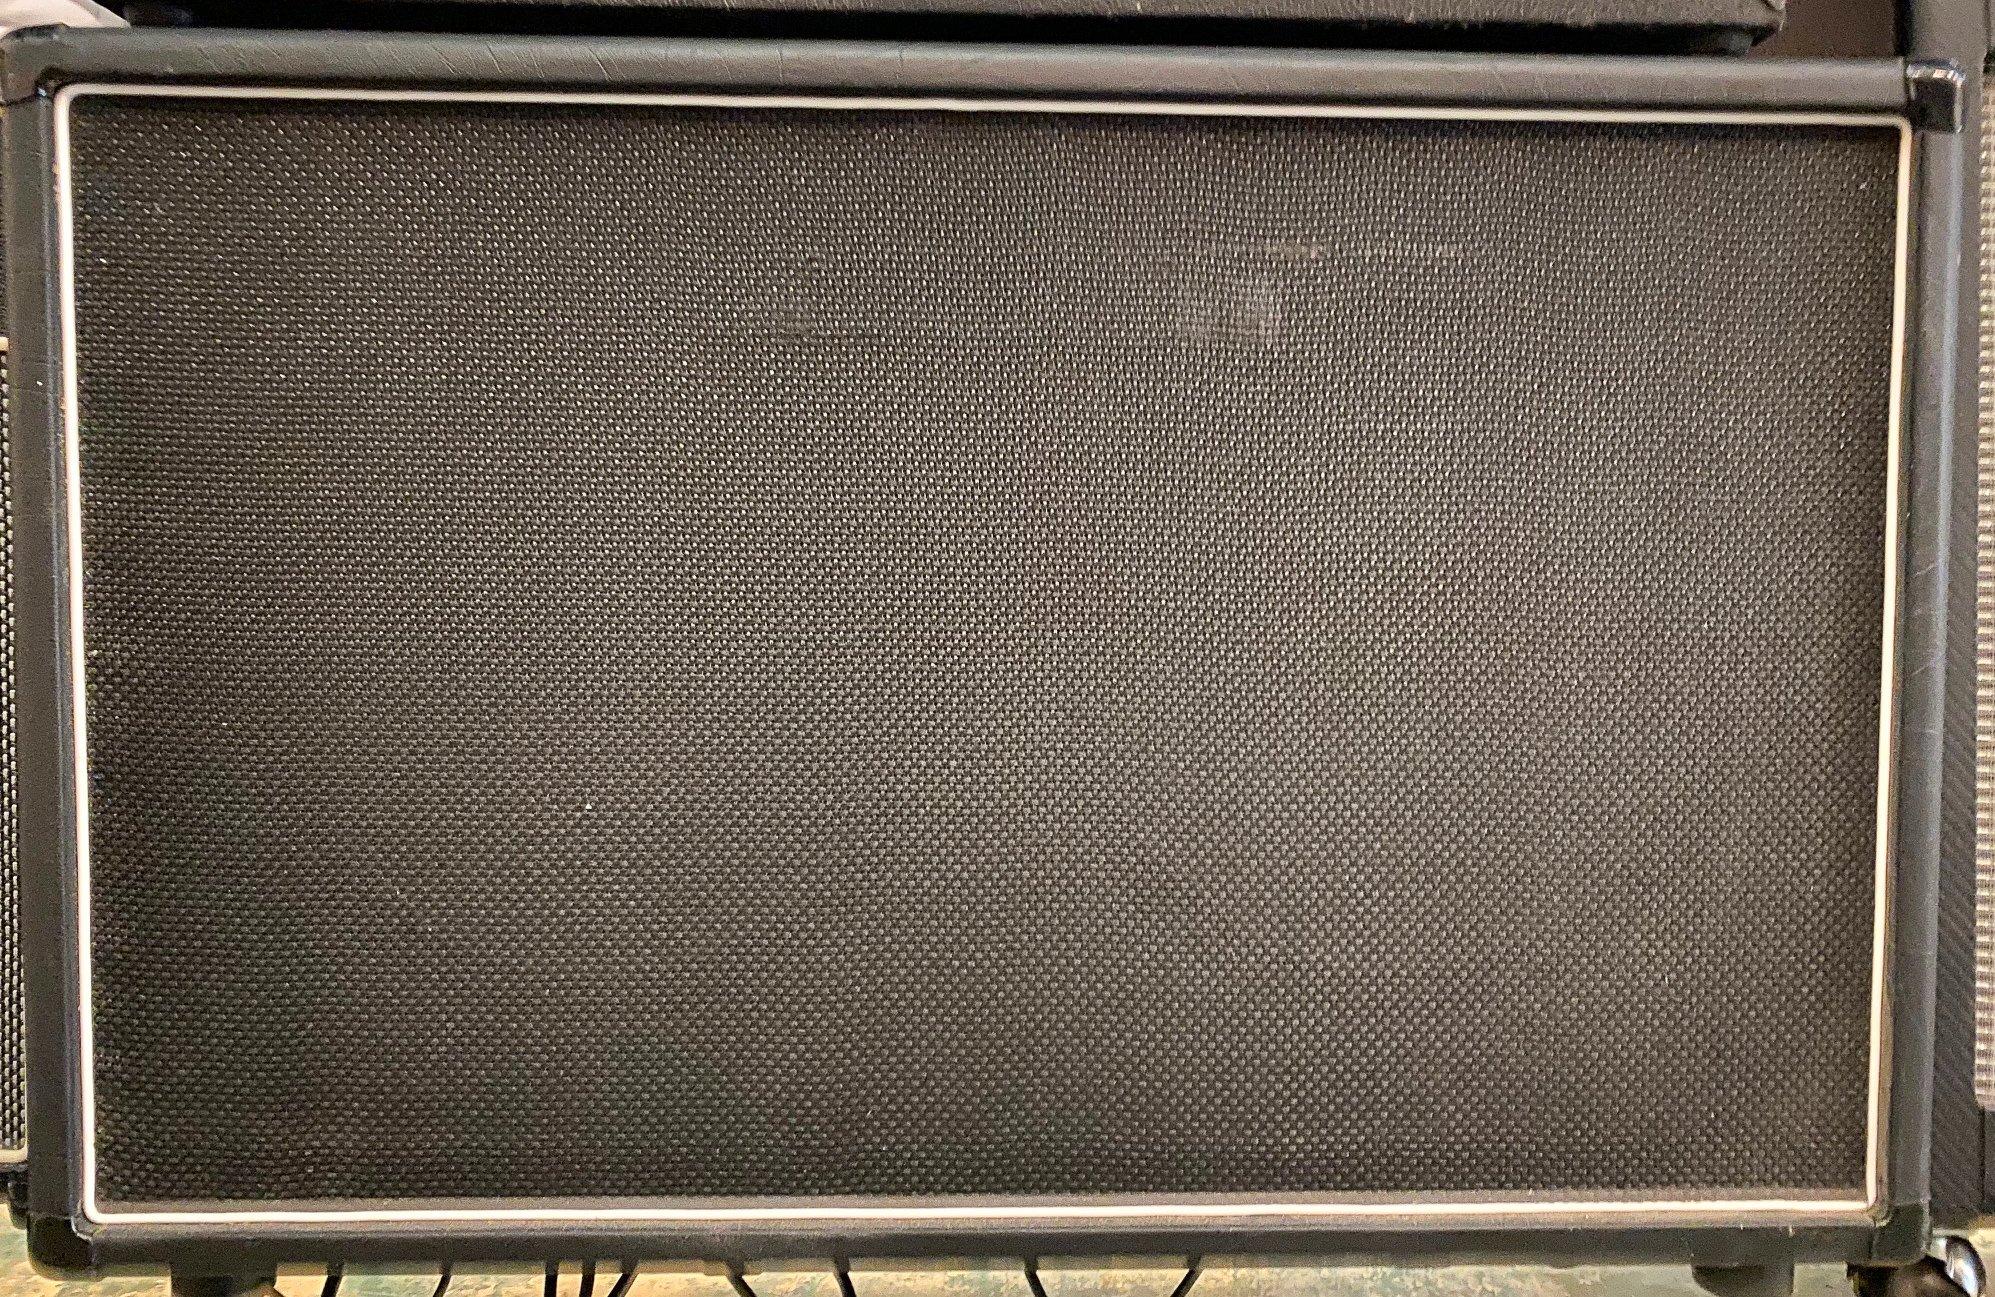 Budda 2x12 cabinet